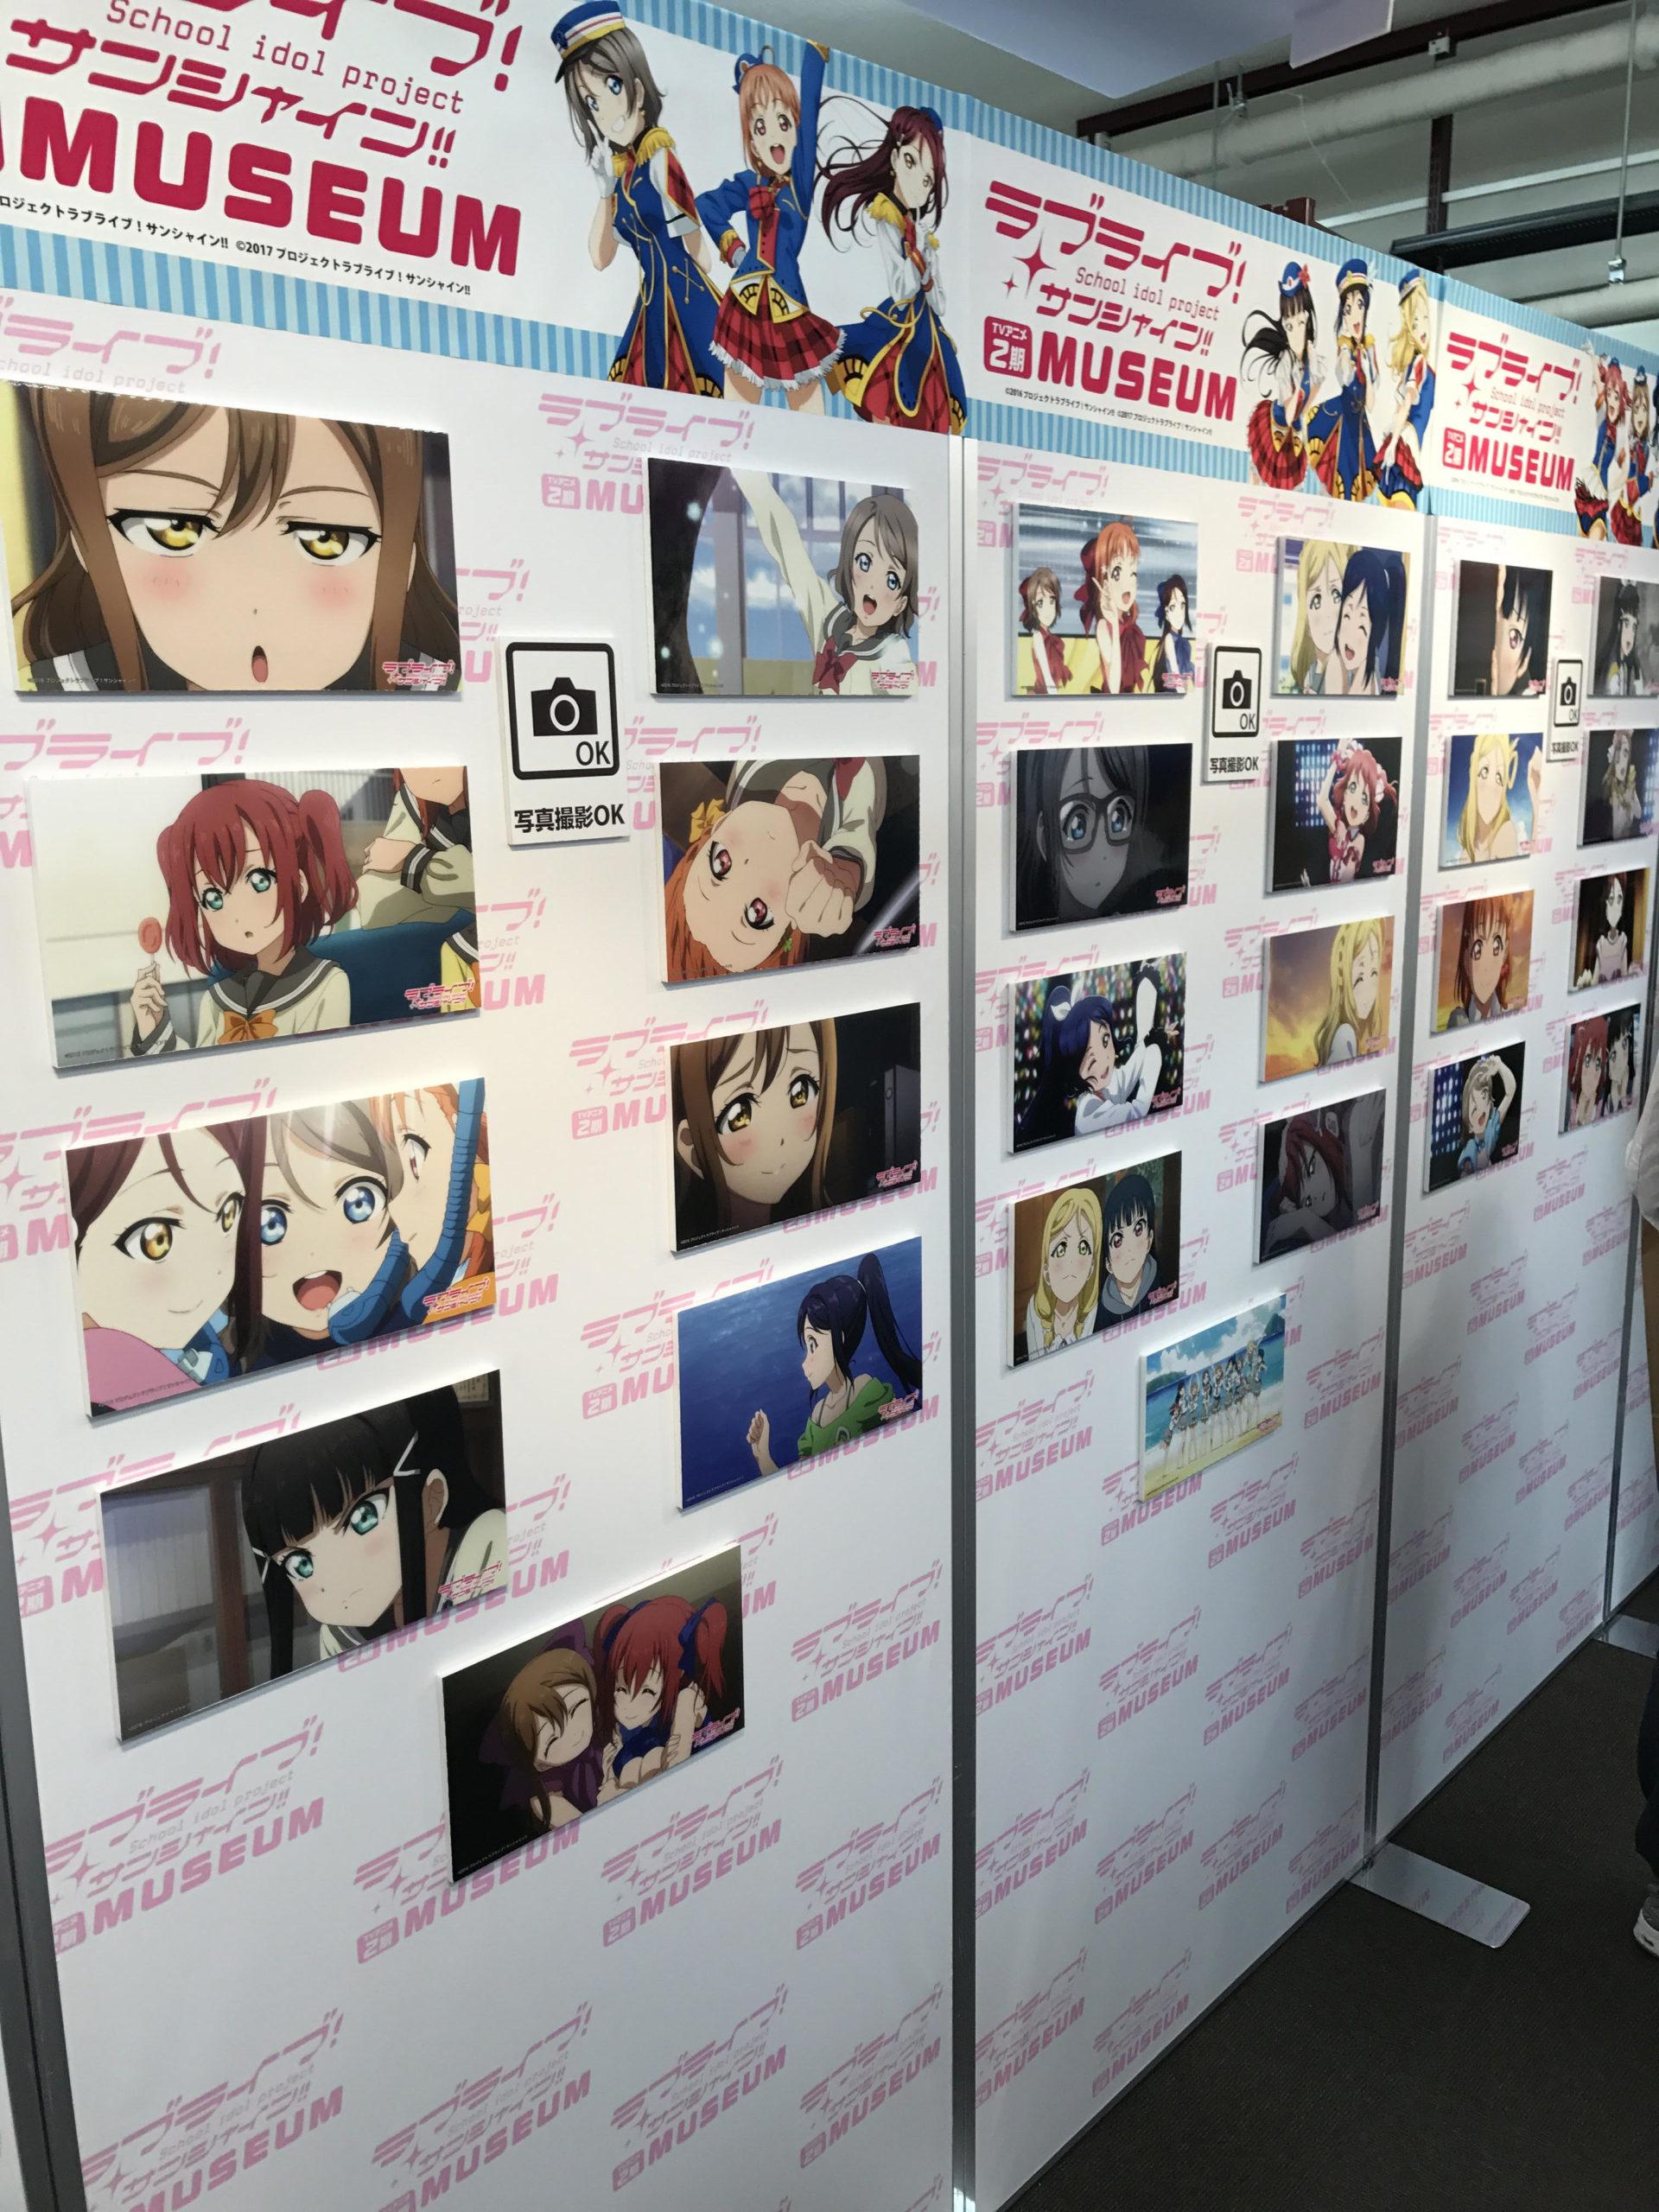 「 ラブライブ!サンシャイン!! 」TVアニメ2期ミュージアム開催!!初日から潜入してきました。